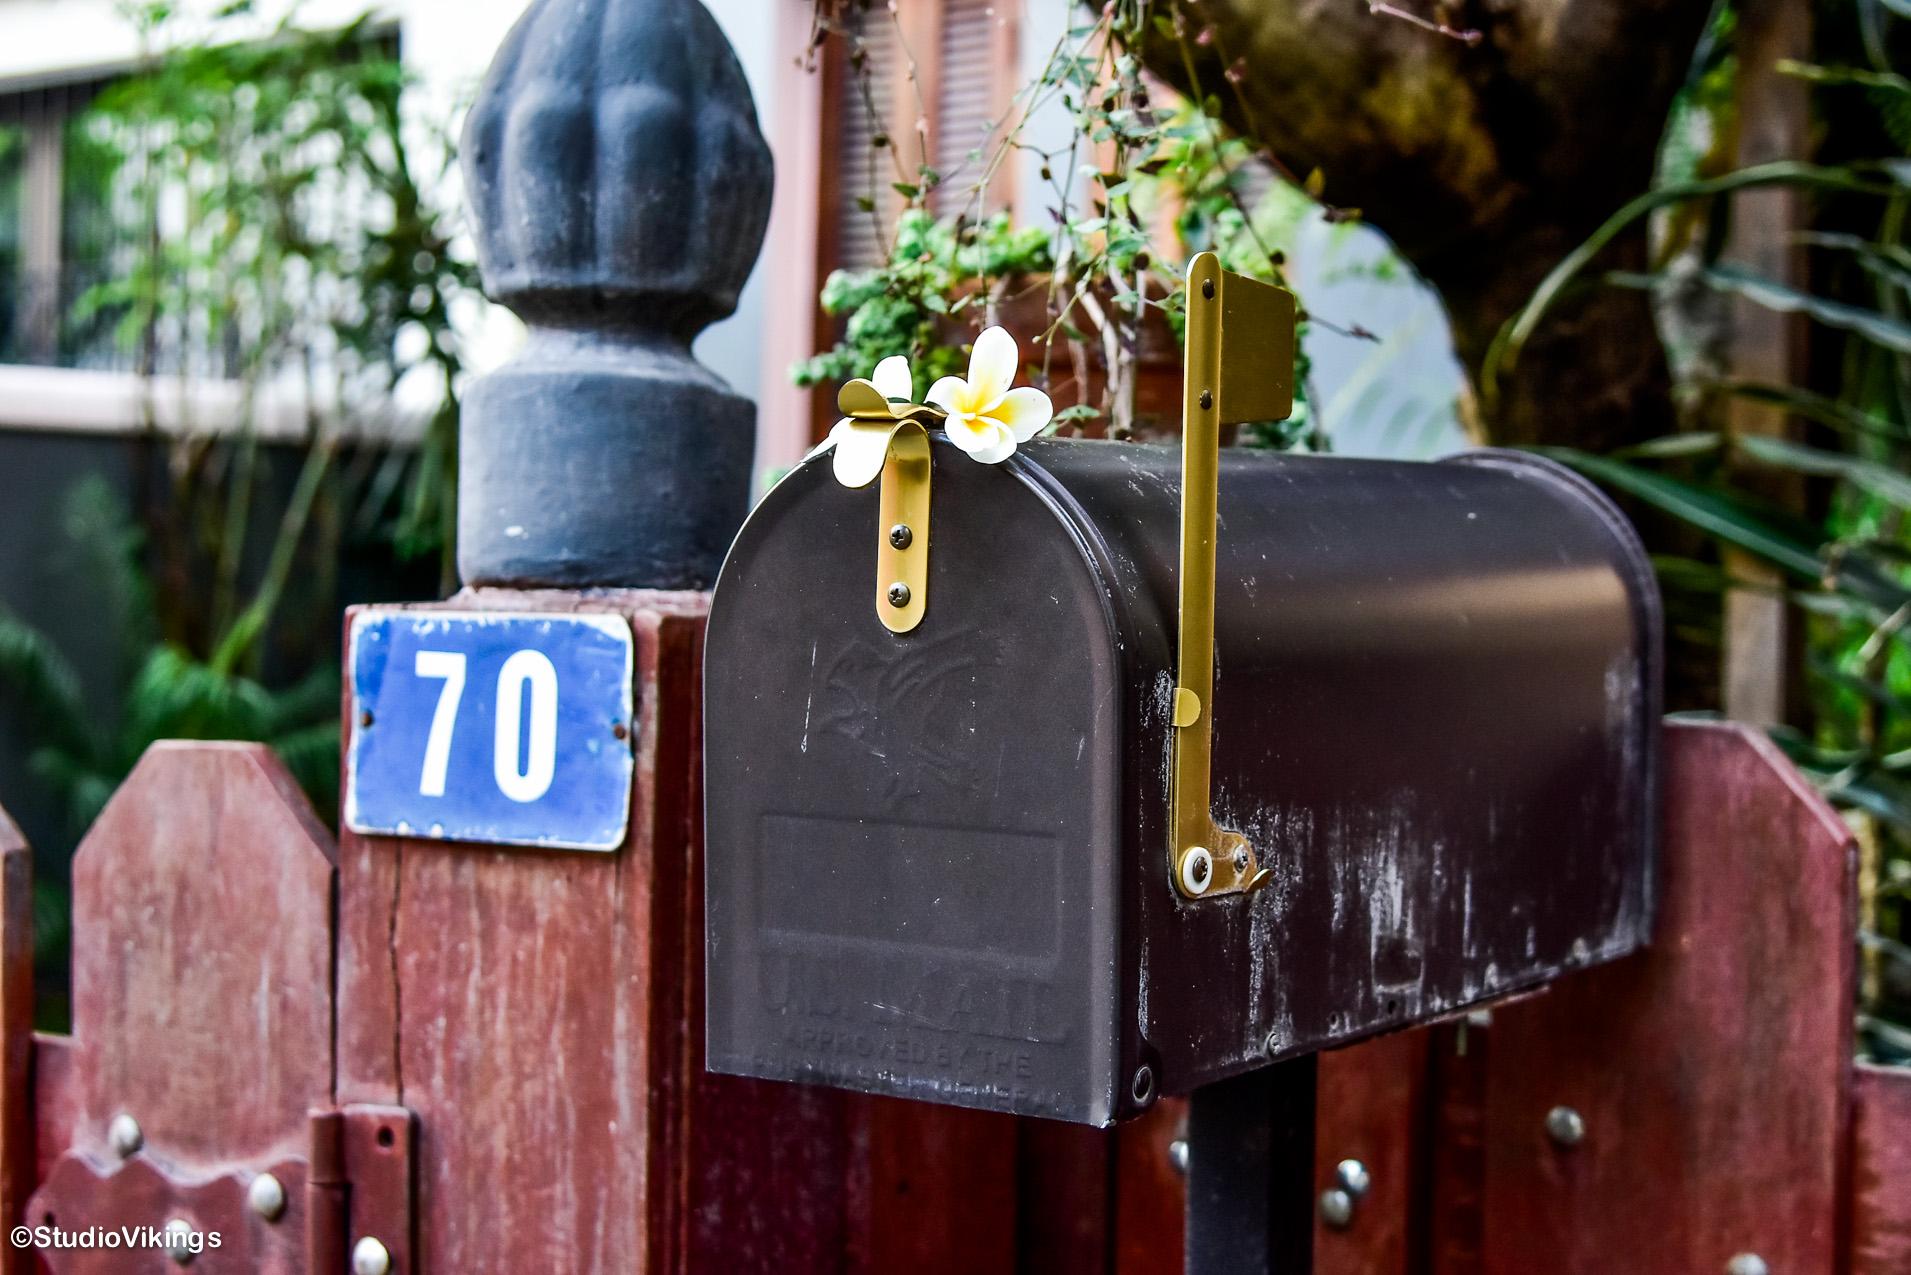 Nossa caixa de correios